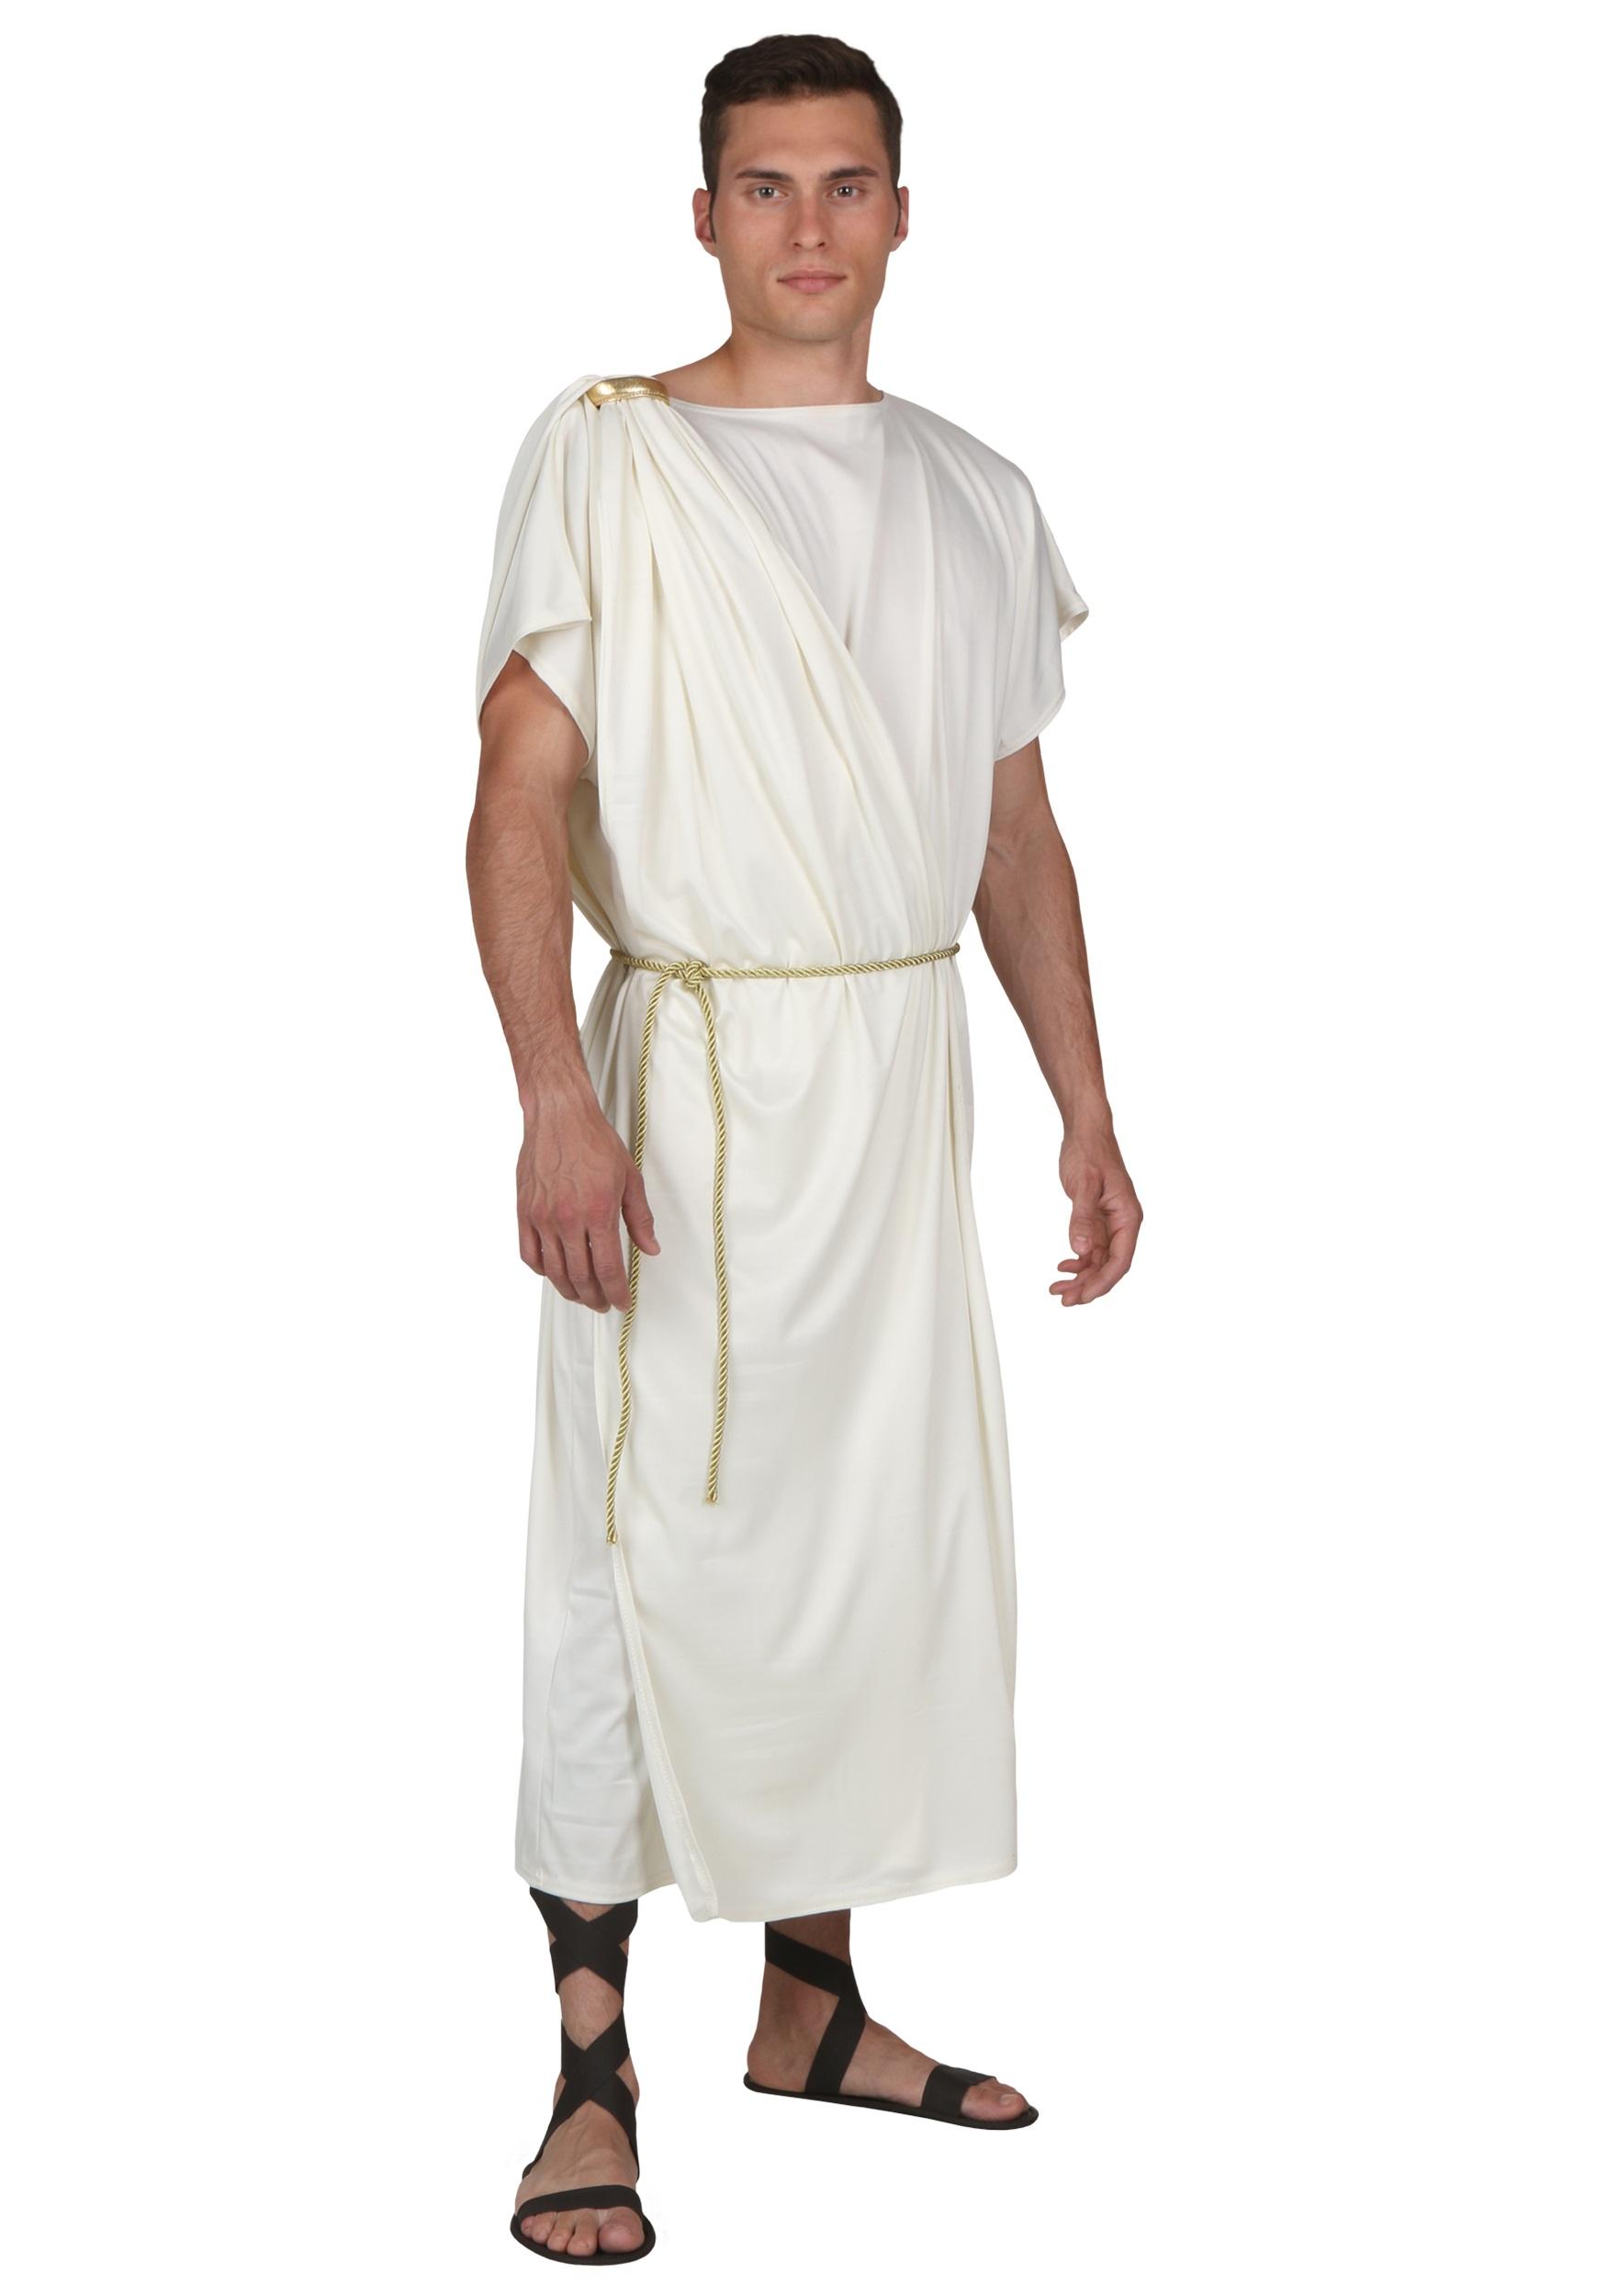 Greek men in bed